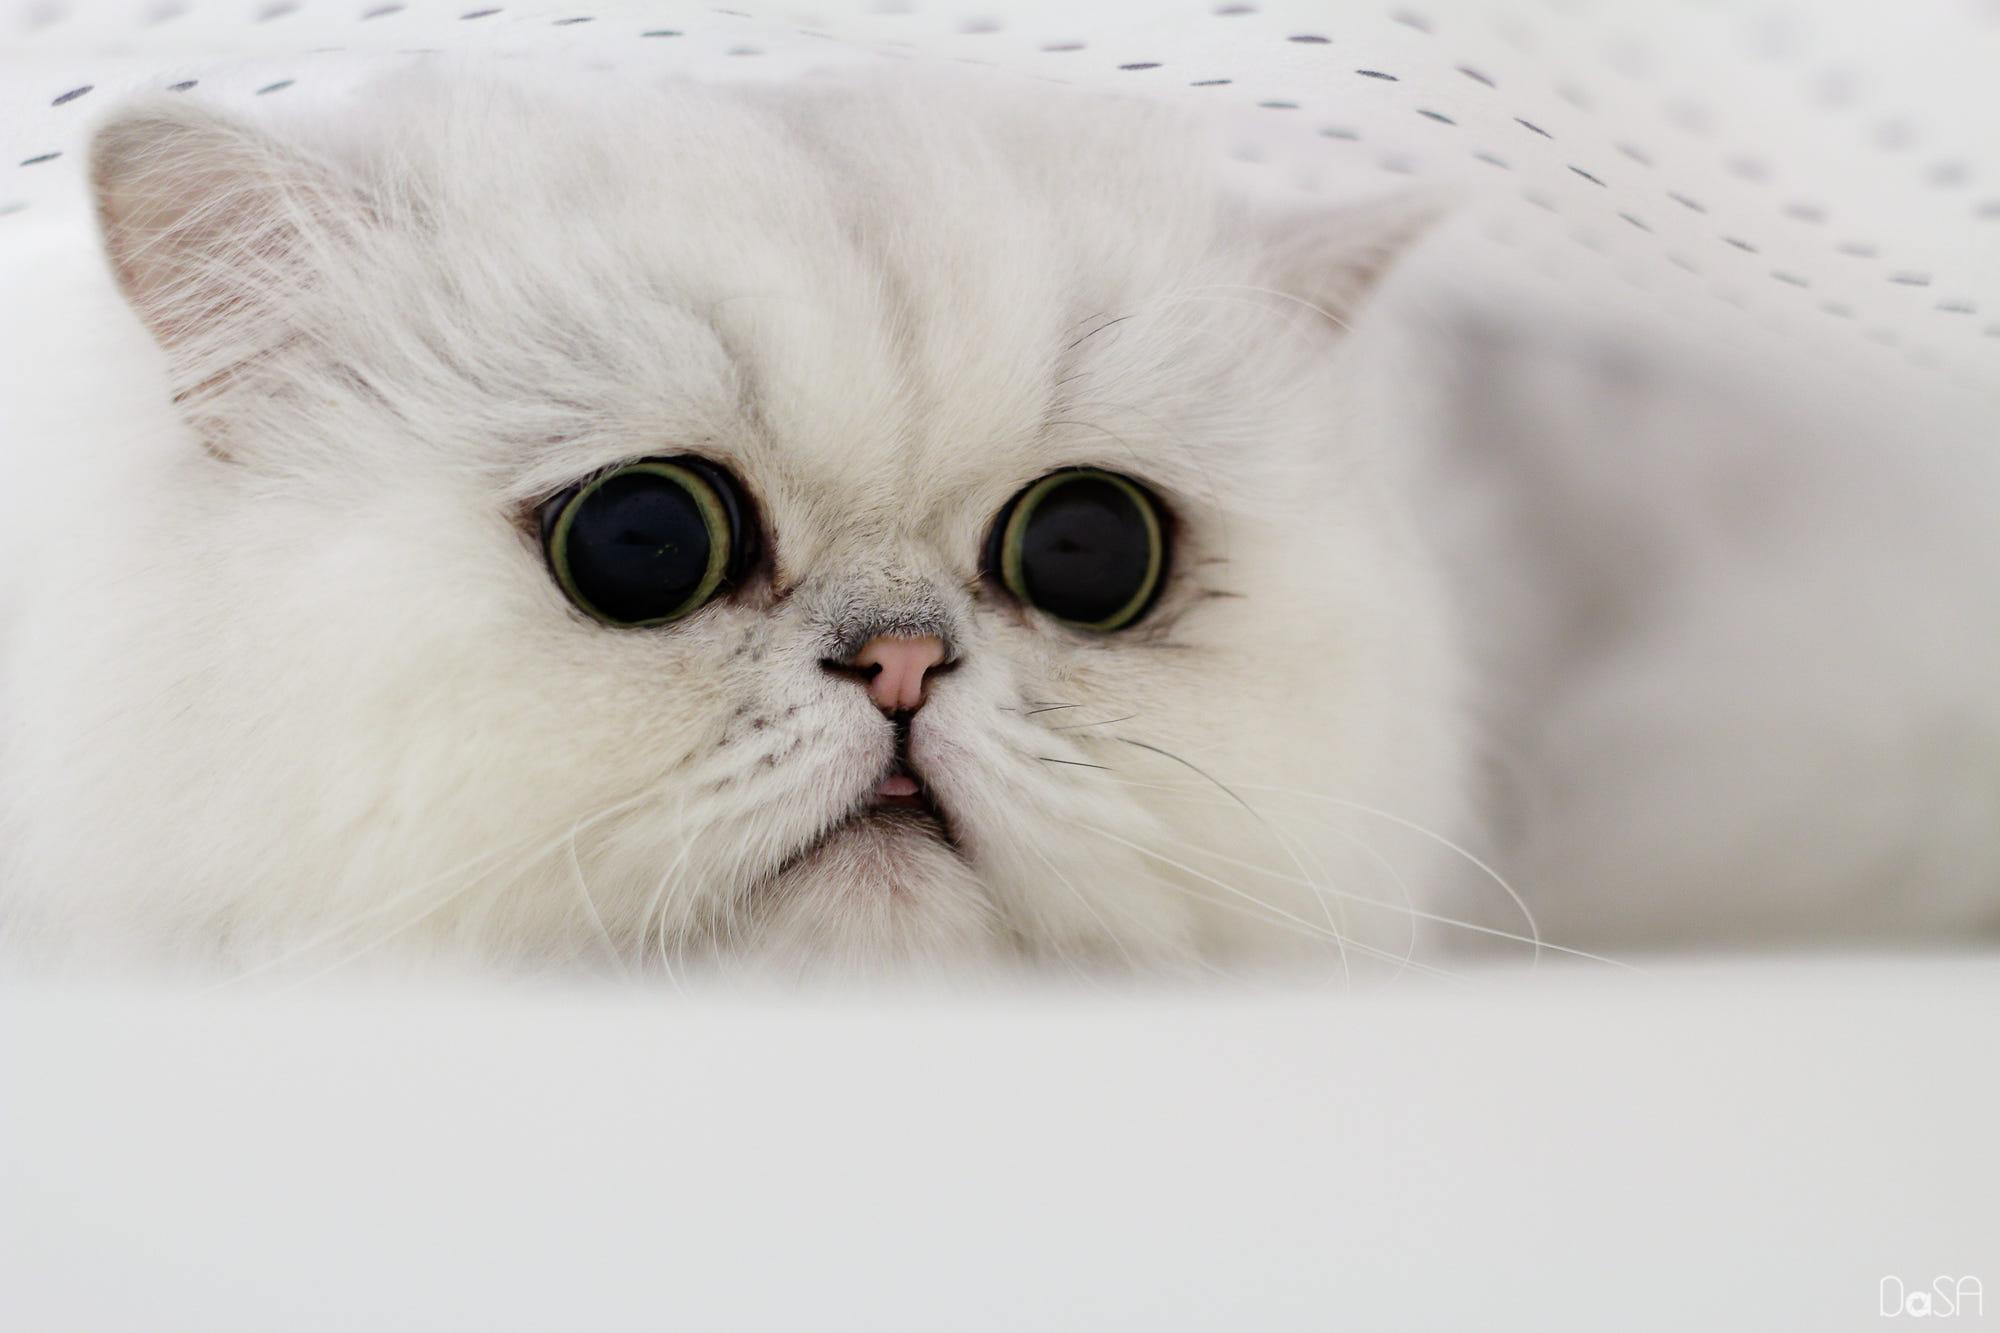 Great white cat \'s curiosity